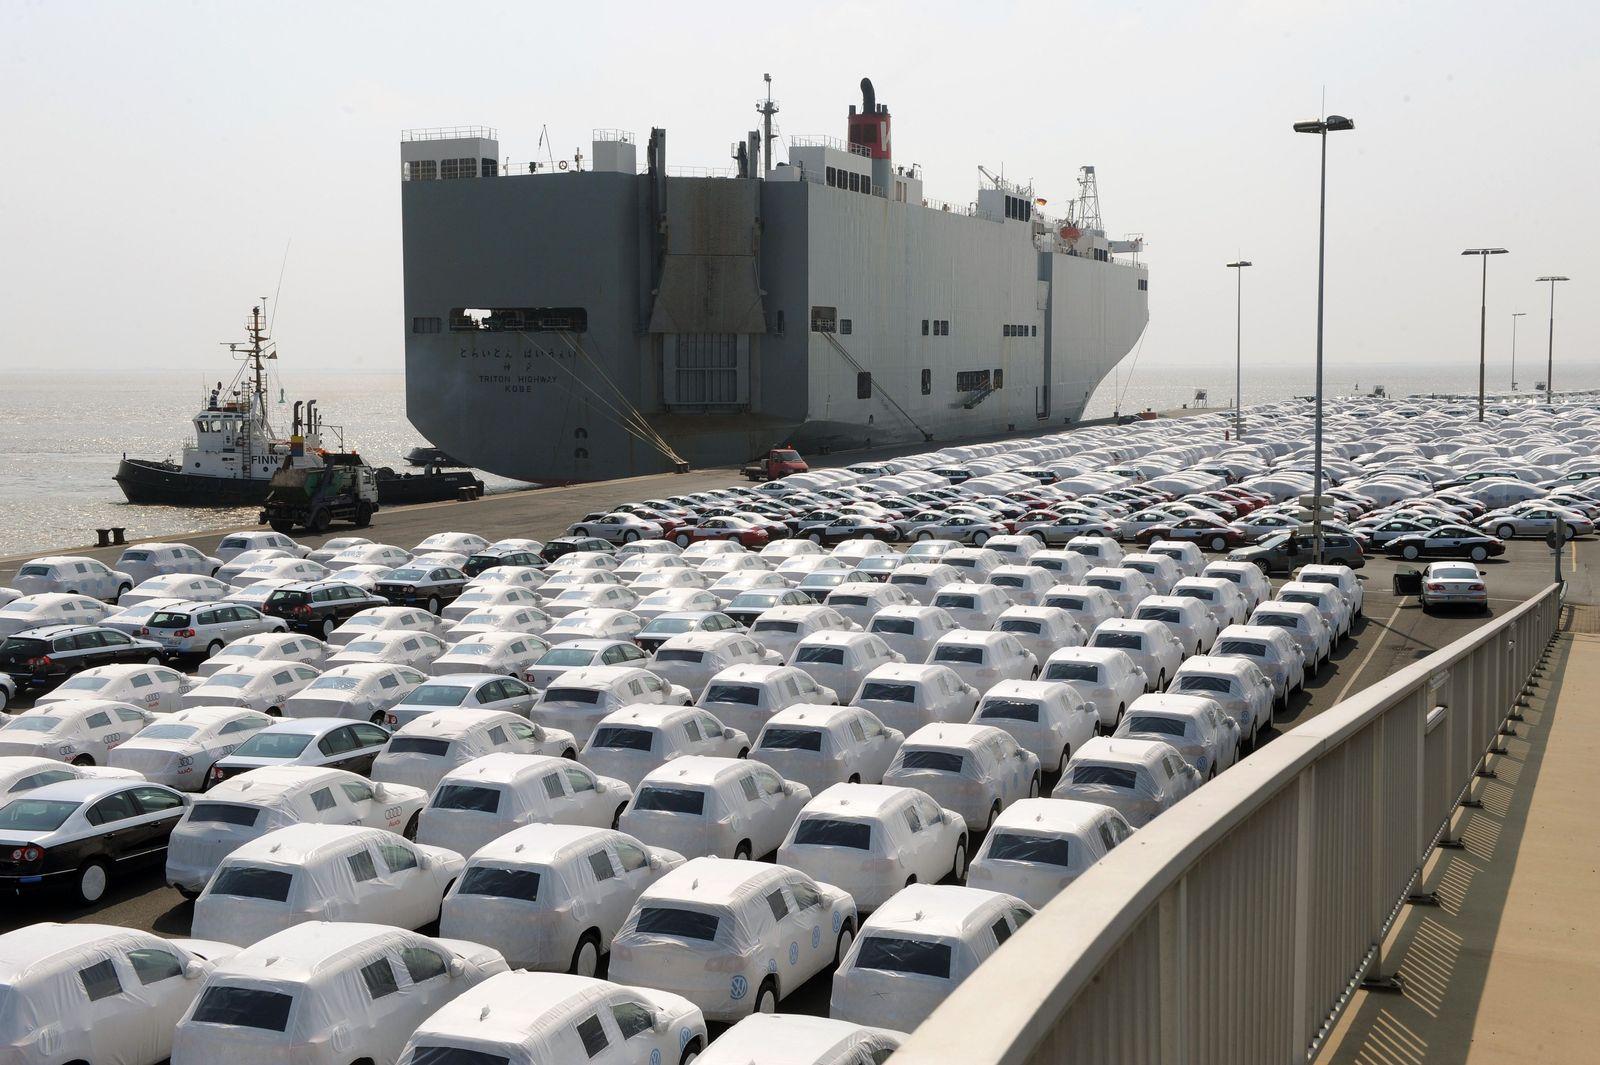 Ecoliner / Emder Hafen